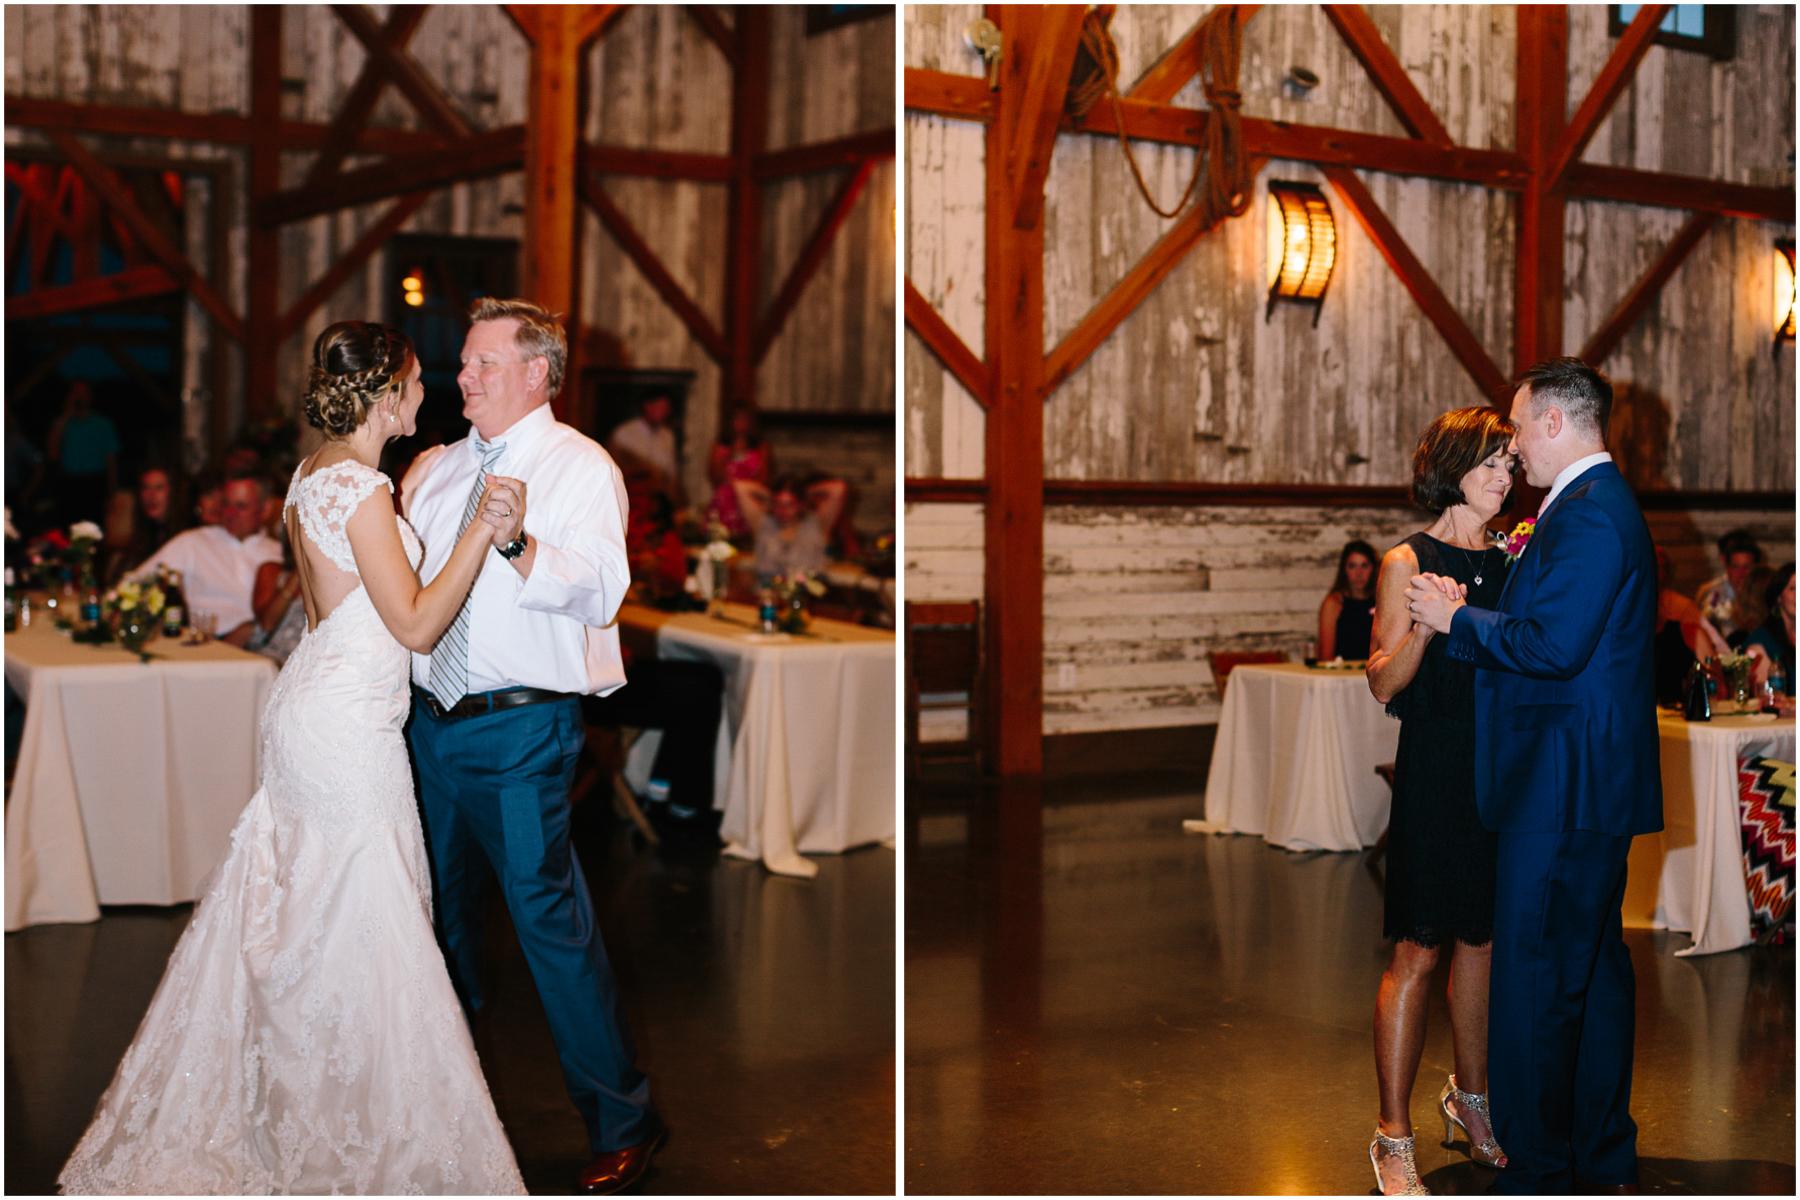 alyssa barletter photography weston missouri bright summer wedding allie and alex cole-62.jpg